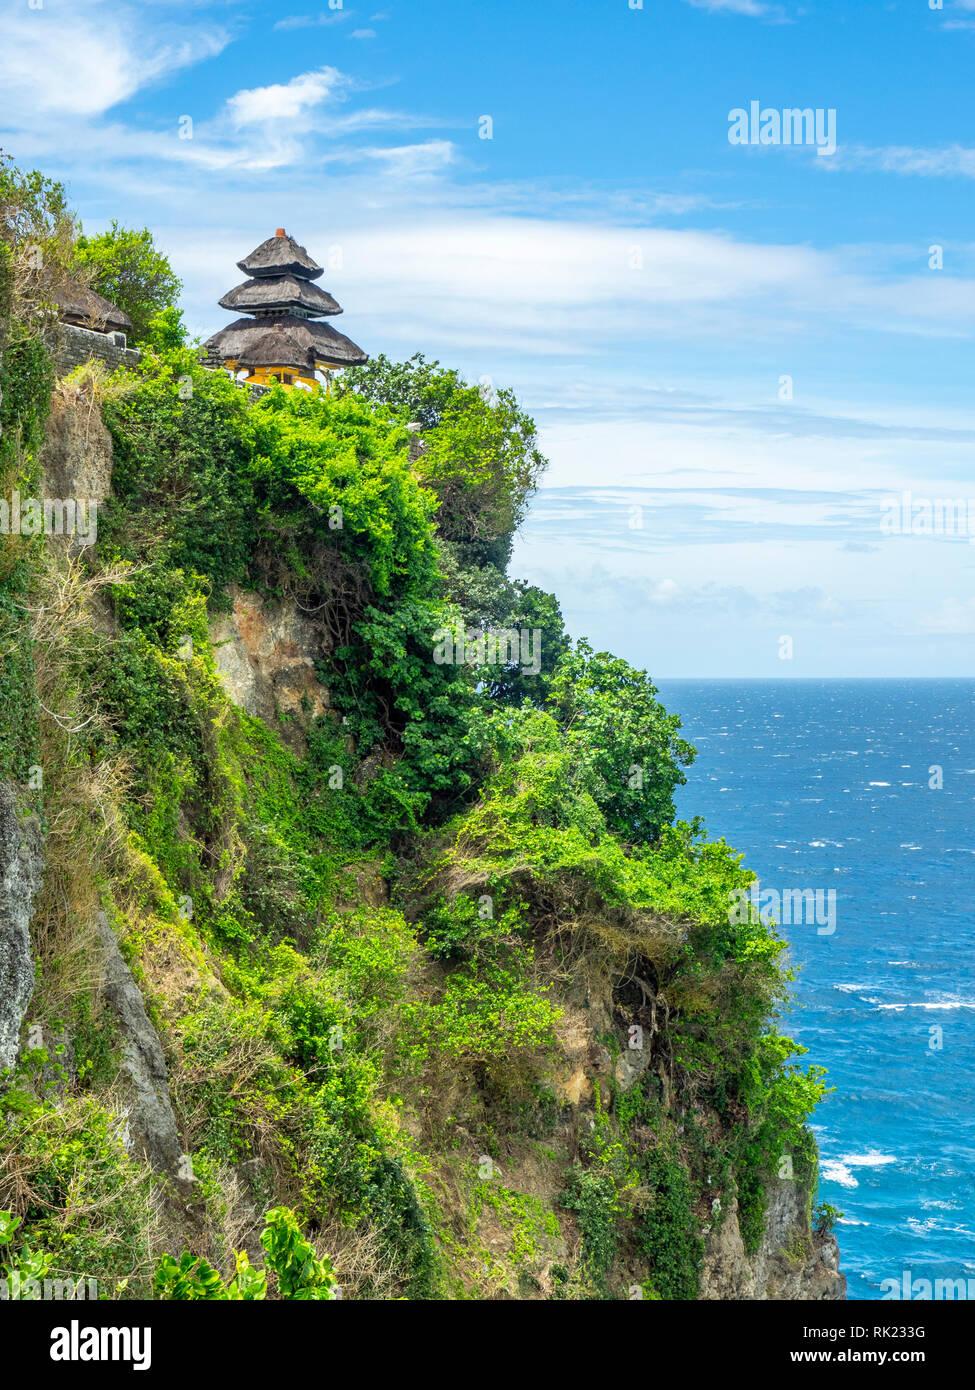 Uluwatu temple a pagoda perched on the cliffs of Bukit peninsula, Bali Indonesia. Stock Photo